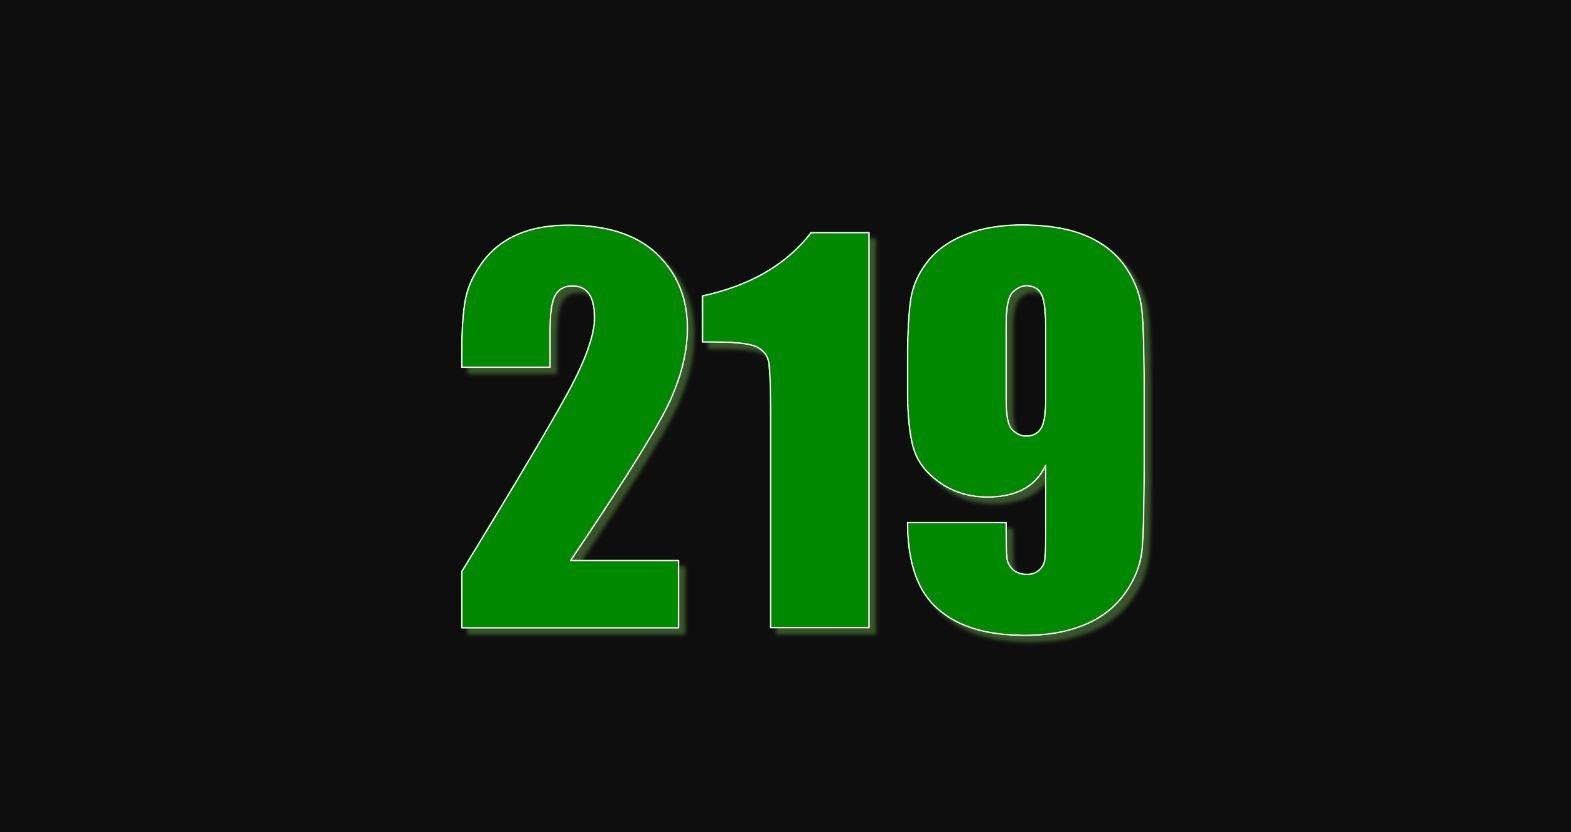 Significado do número 219